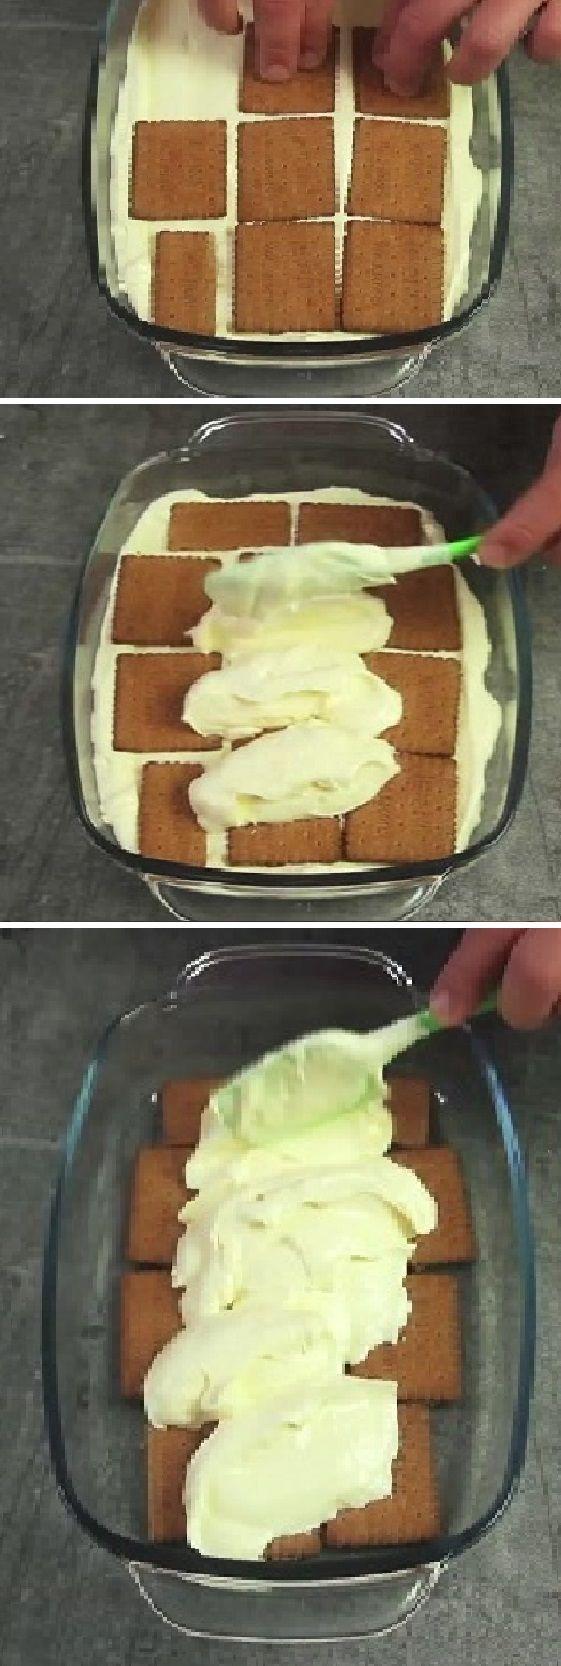 ¡Este postre es tan sabroso como el famoso tiramisú, pero mucho más barato y fácil de preparar! #receta #recipe #casero #torta #tartas #pastel #nestlecocina #bizcocho #bizcochuelo #tasty #cocina #chocolate #queso #tiramisu Si te gusta dinos HOLA y dale a Me Gusta MIREN …